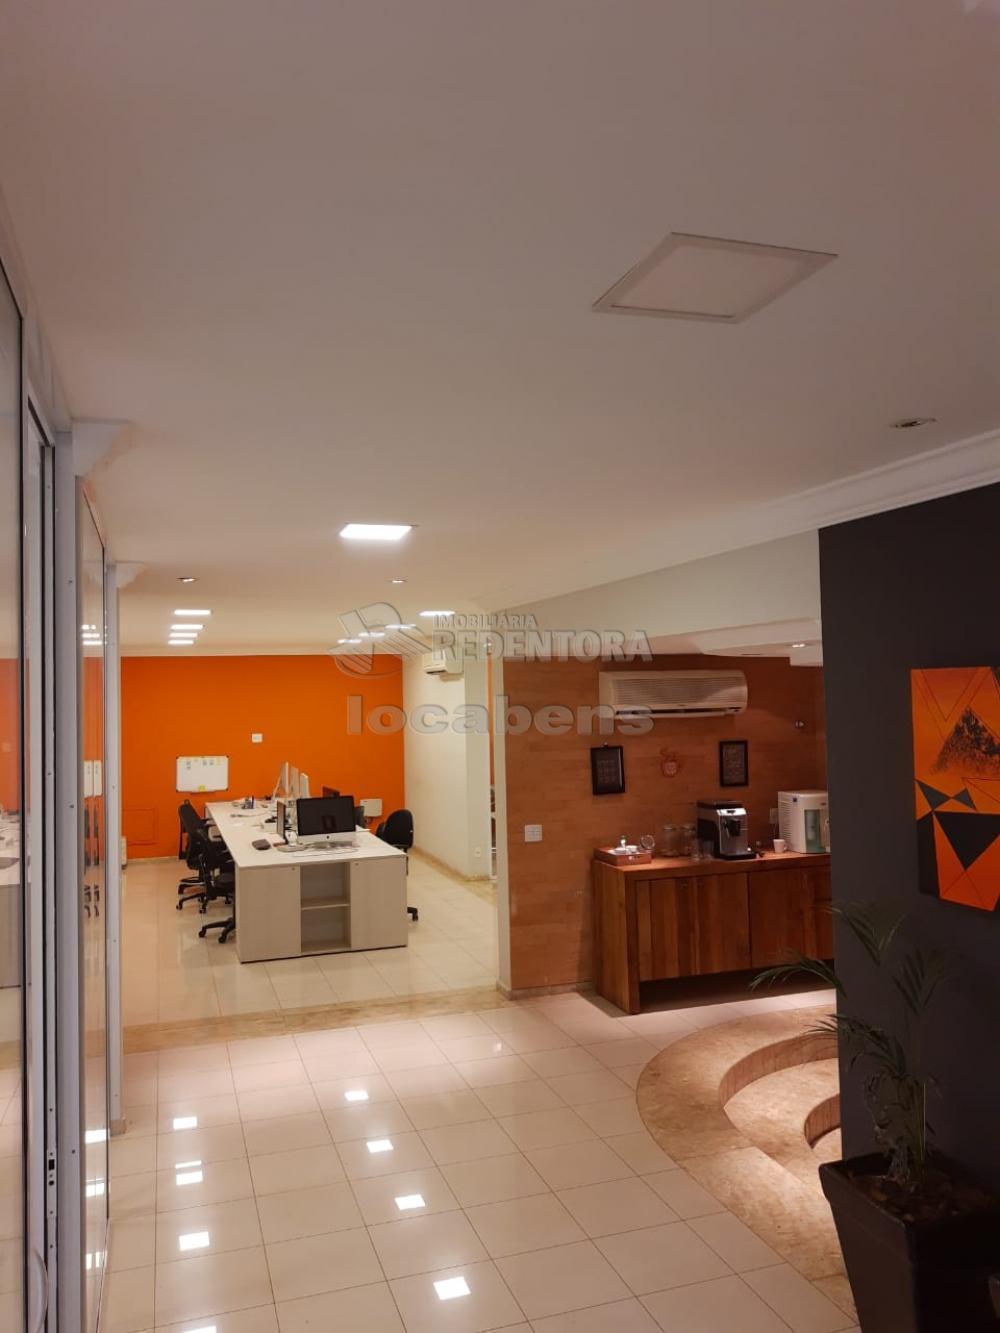 Comprar Casa / Padrão em São José do Rio Preto R$ 1.300.000,00 - Foto 3